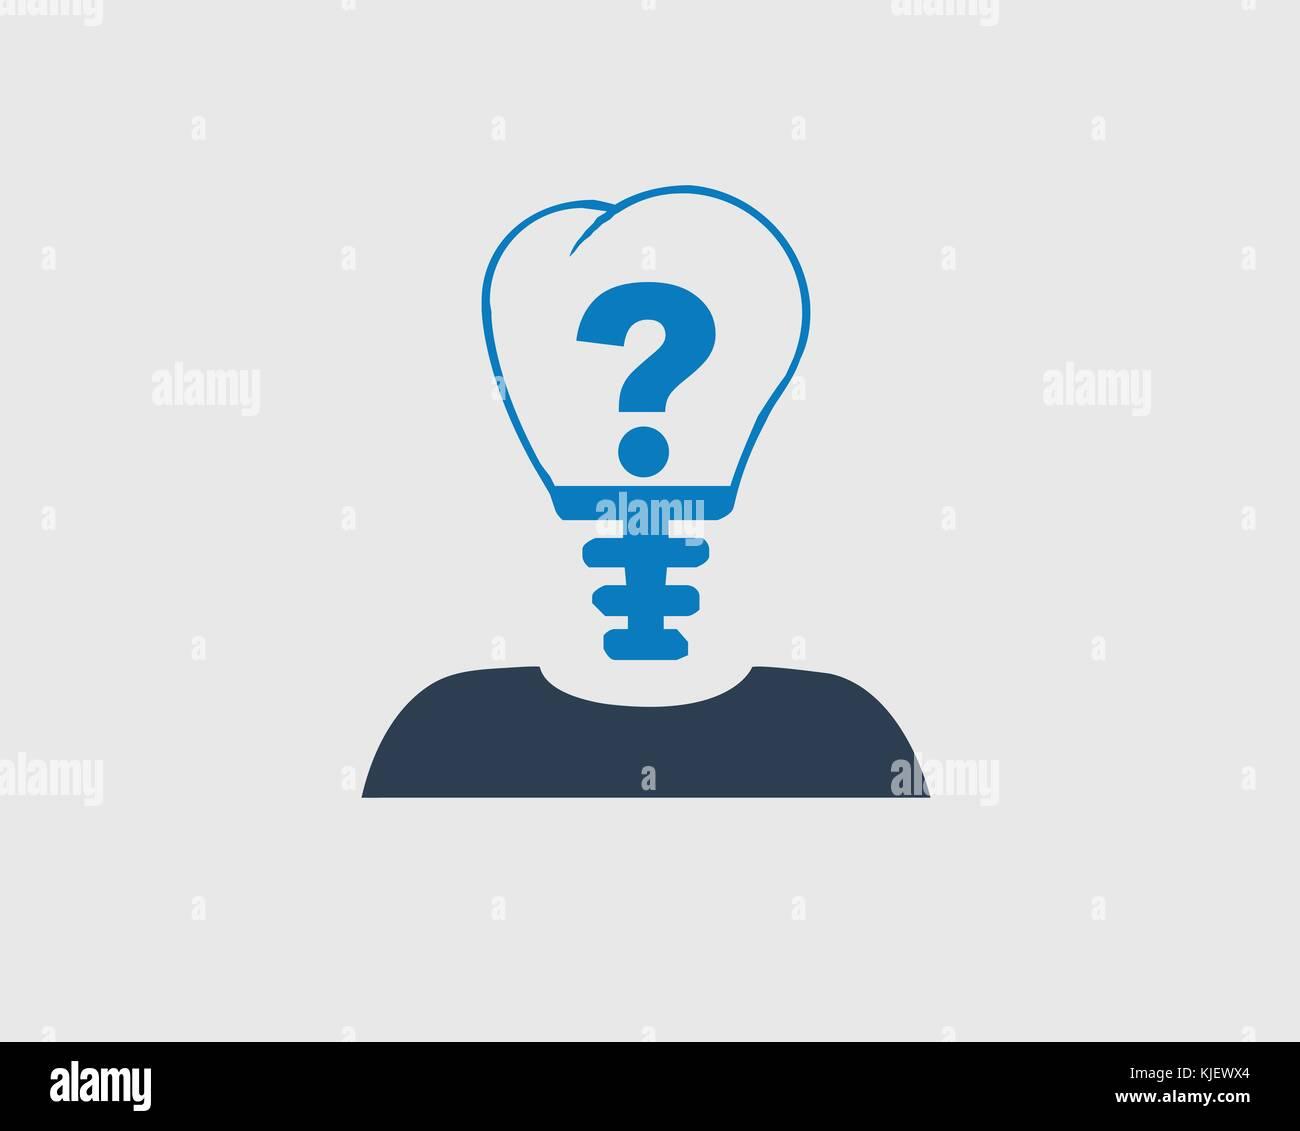 Idea Concept Icon Question Mark In Bulb Headed Person